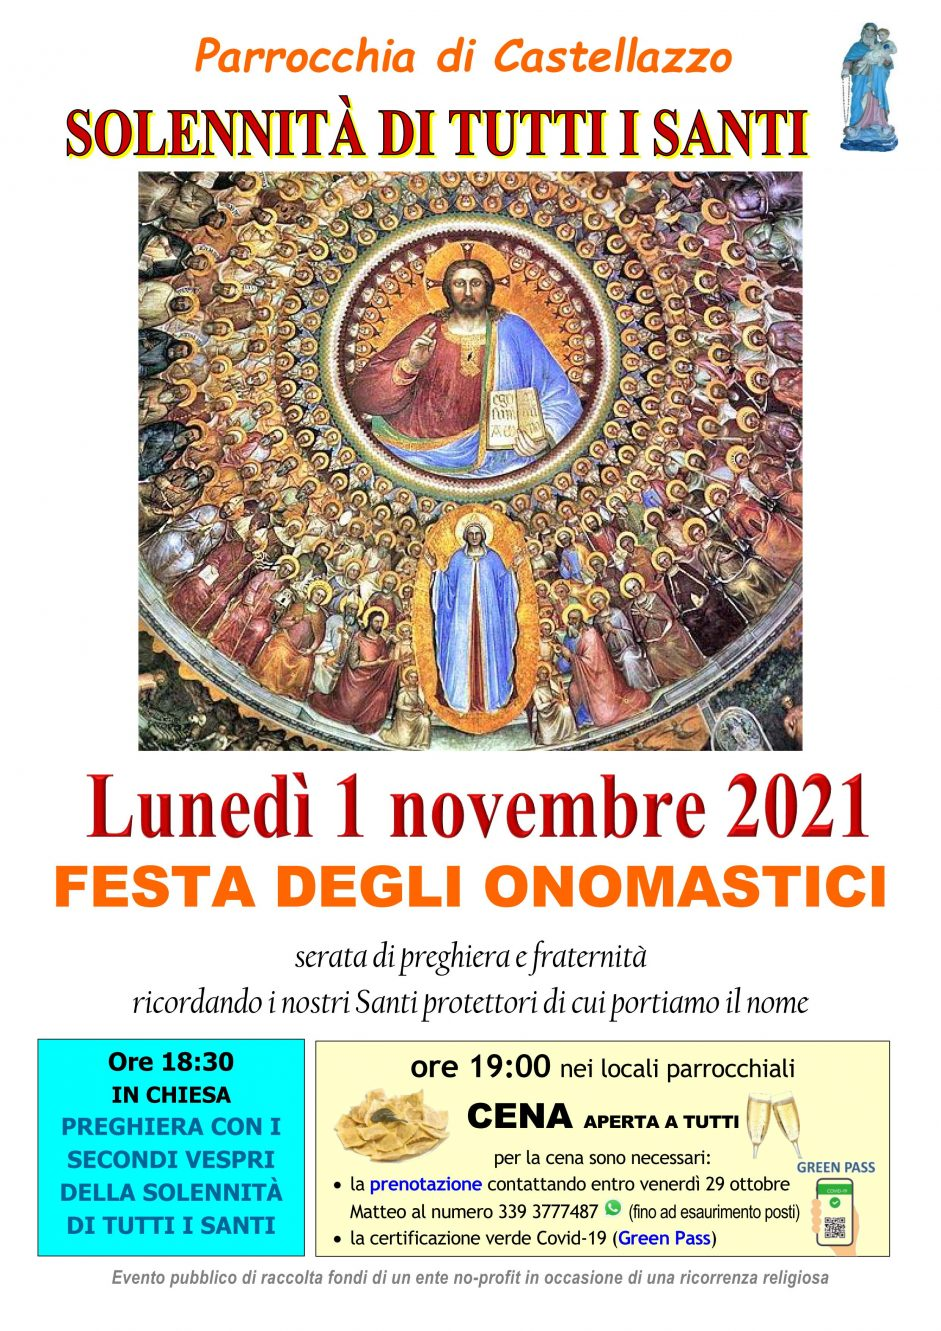 Festa degli onomastici a Castellazzo